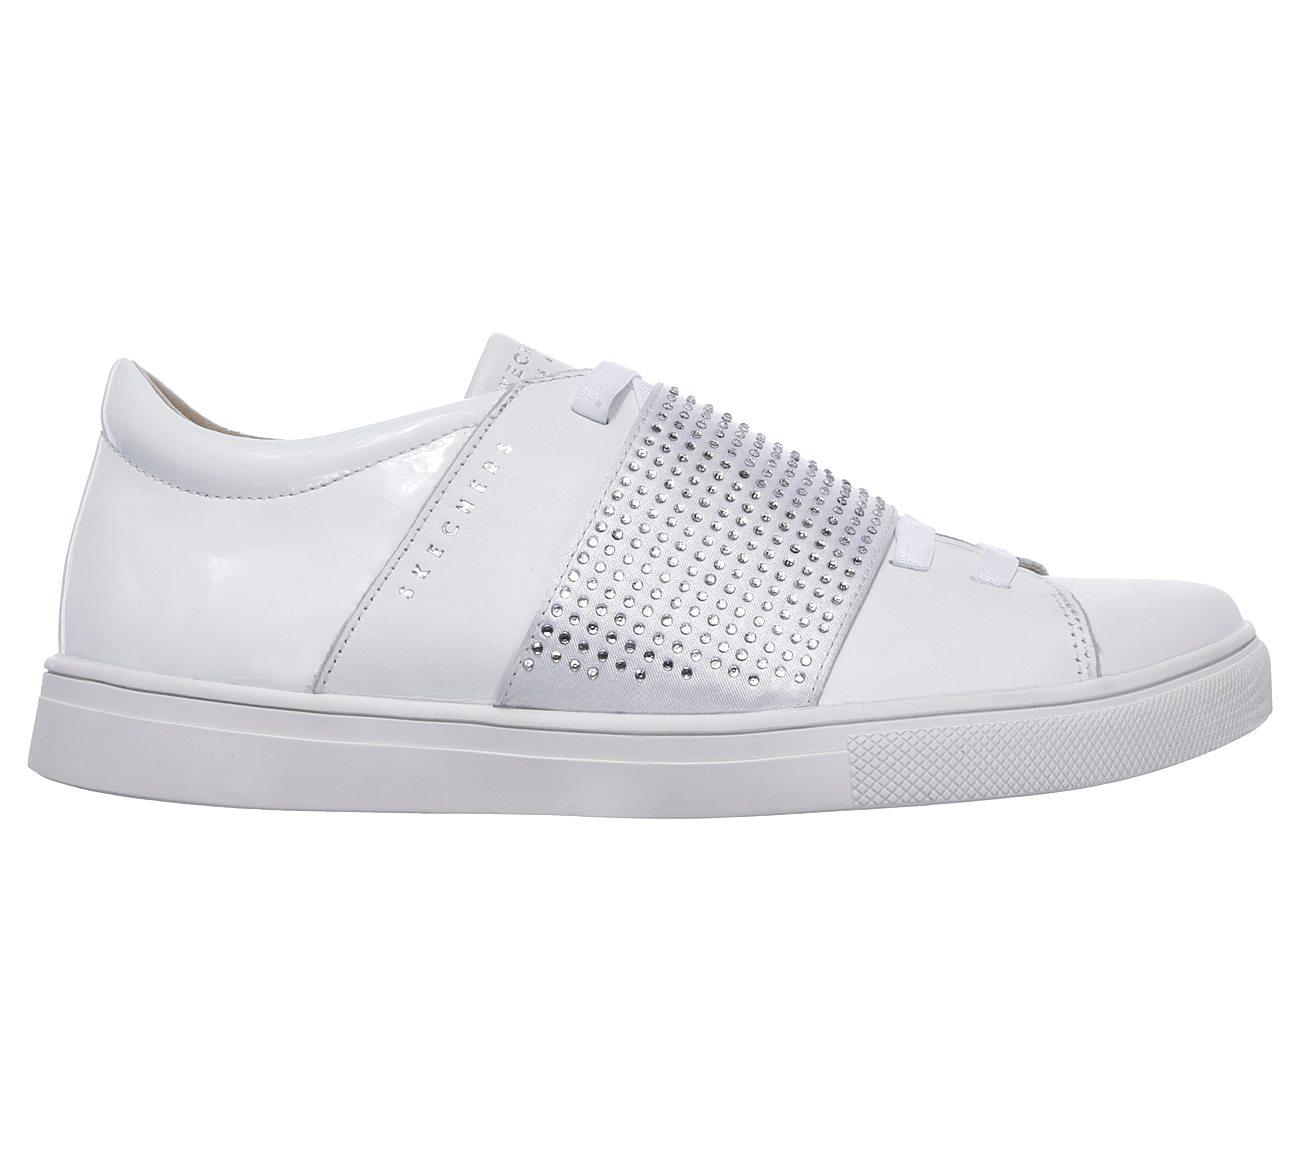 c28e58ead42b Buy SKECHERS Moda - Bling Park SKECHER Street Shoes only £59.00